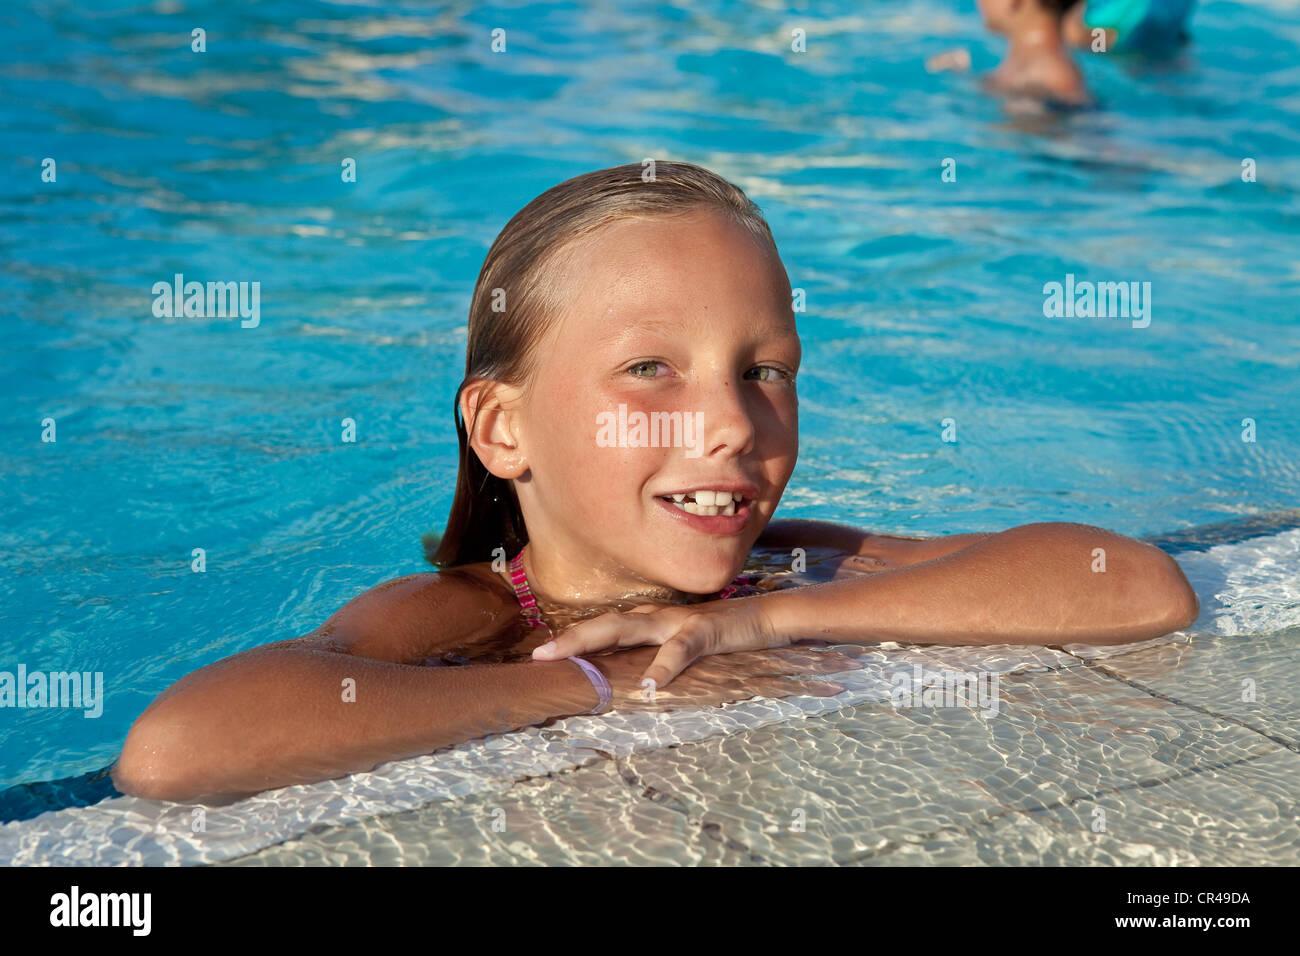 Francia, Corse du Sud, giovane ragazza alla piscina Immagini Stock